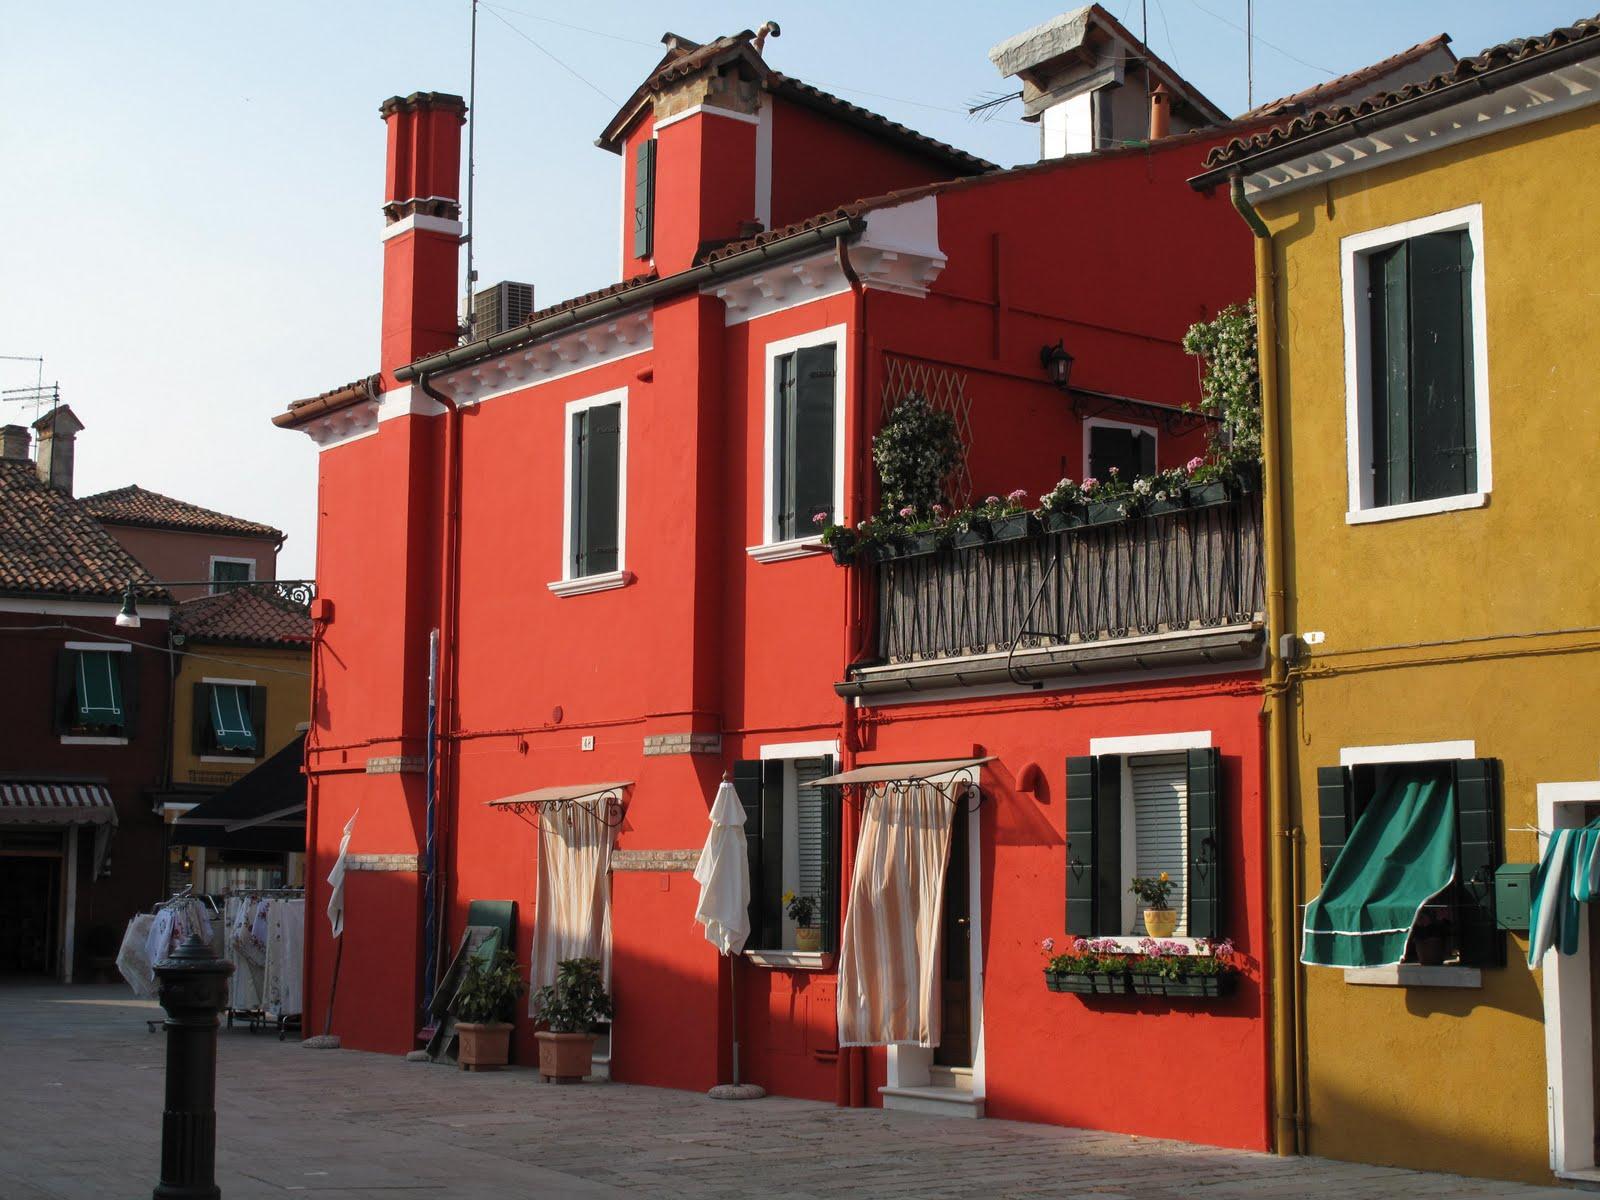 Fin de semana en venecia mi espacio del arte for Colores para pintar una casa pequena por fuera